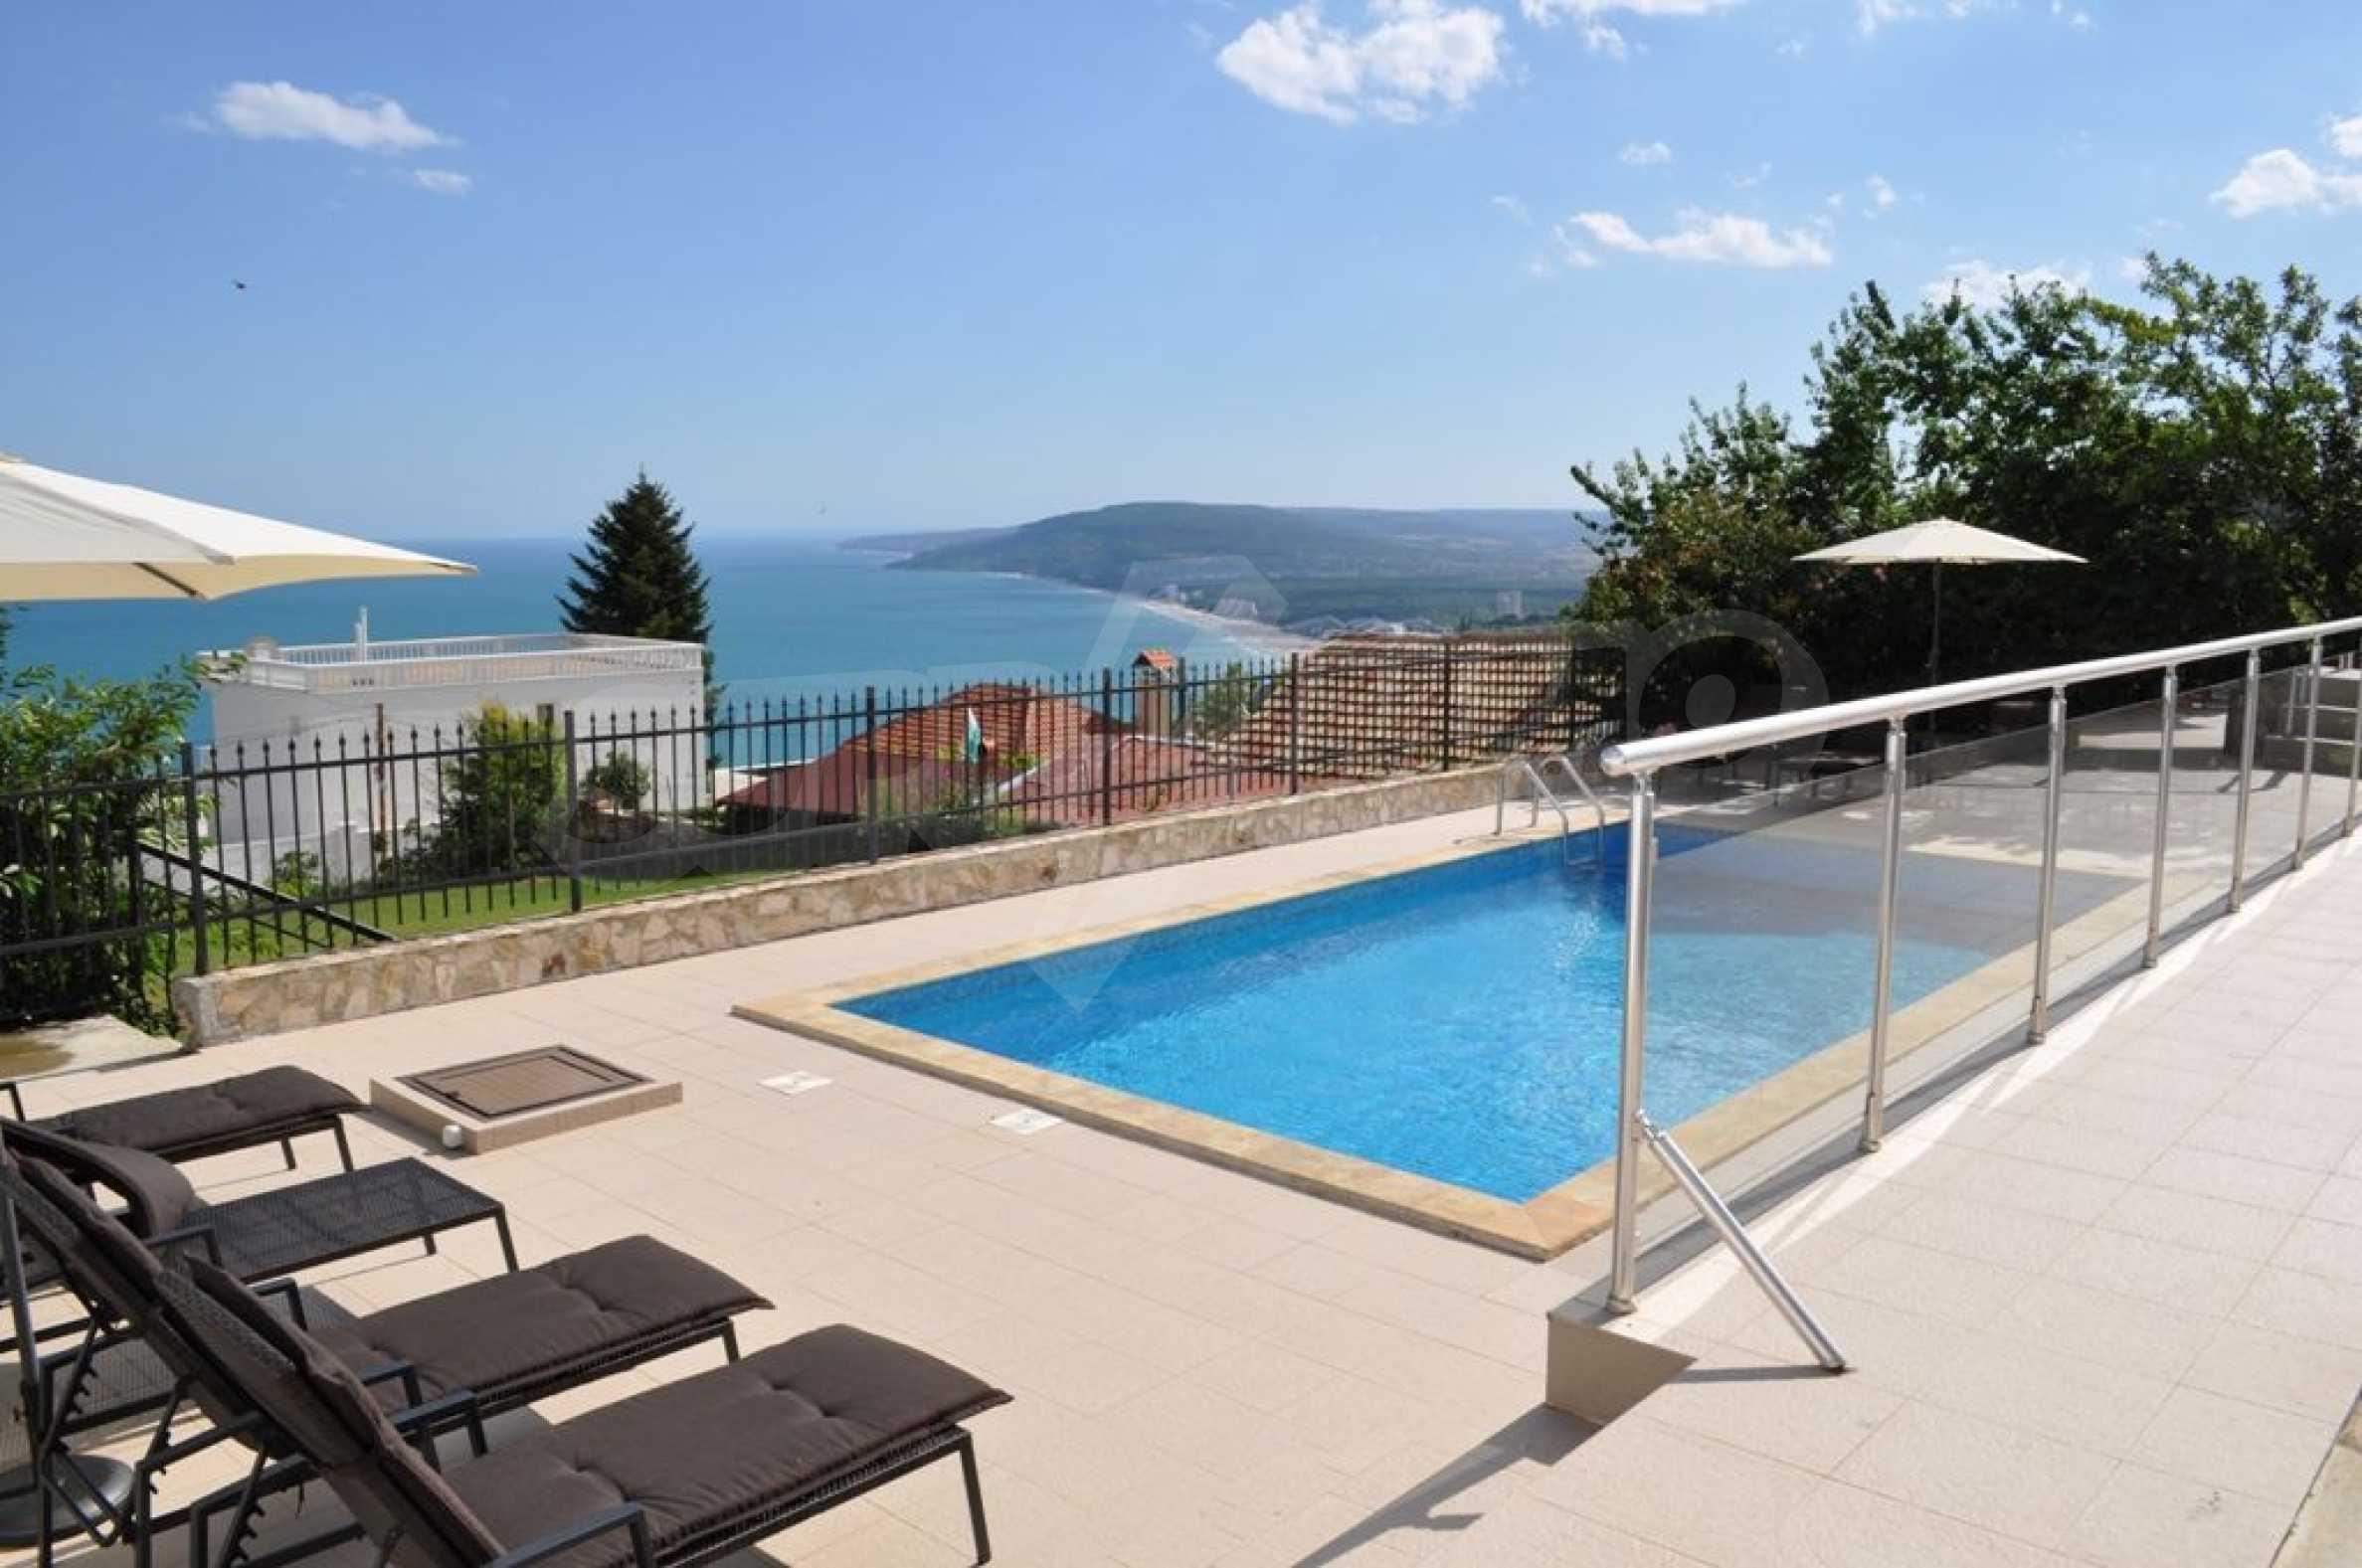 Luxusvilla mit 4 Schlafzimmern zu vermieten in der Nähe des Resorts. Albena 1